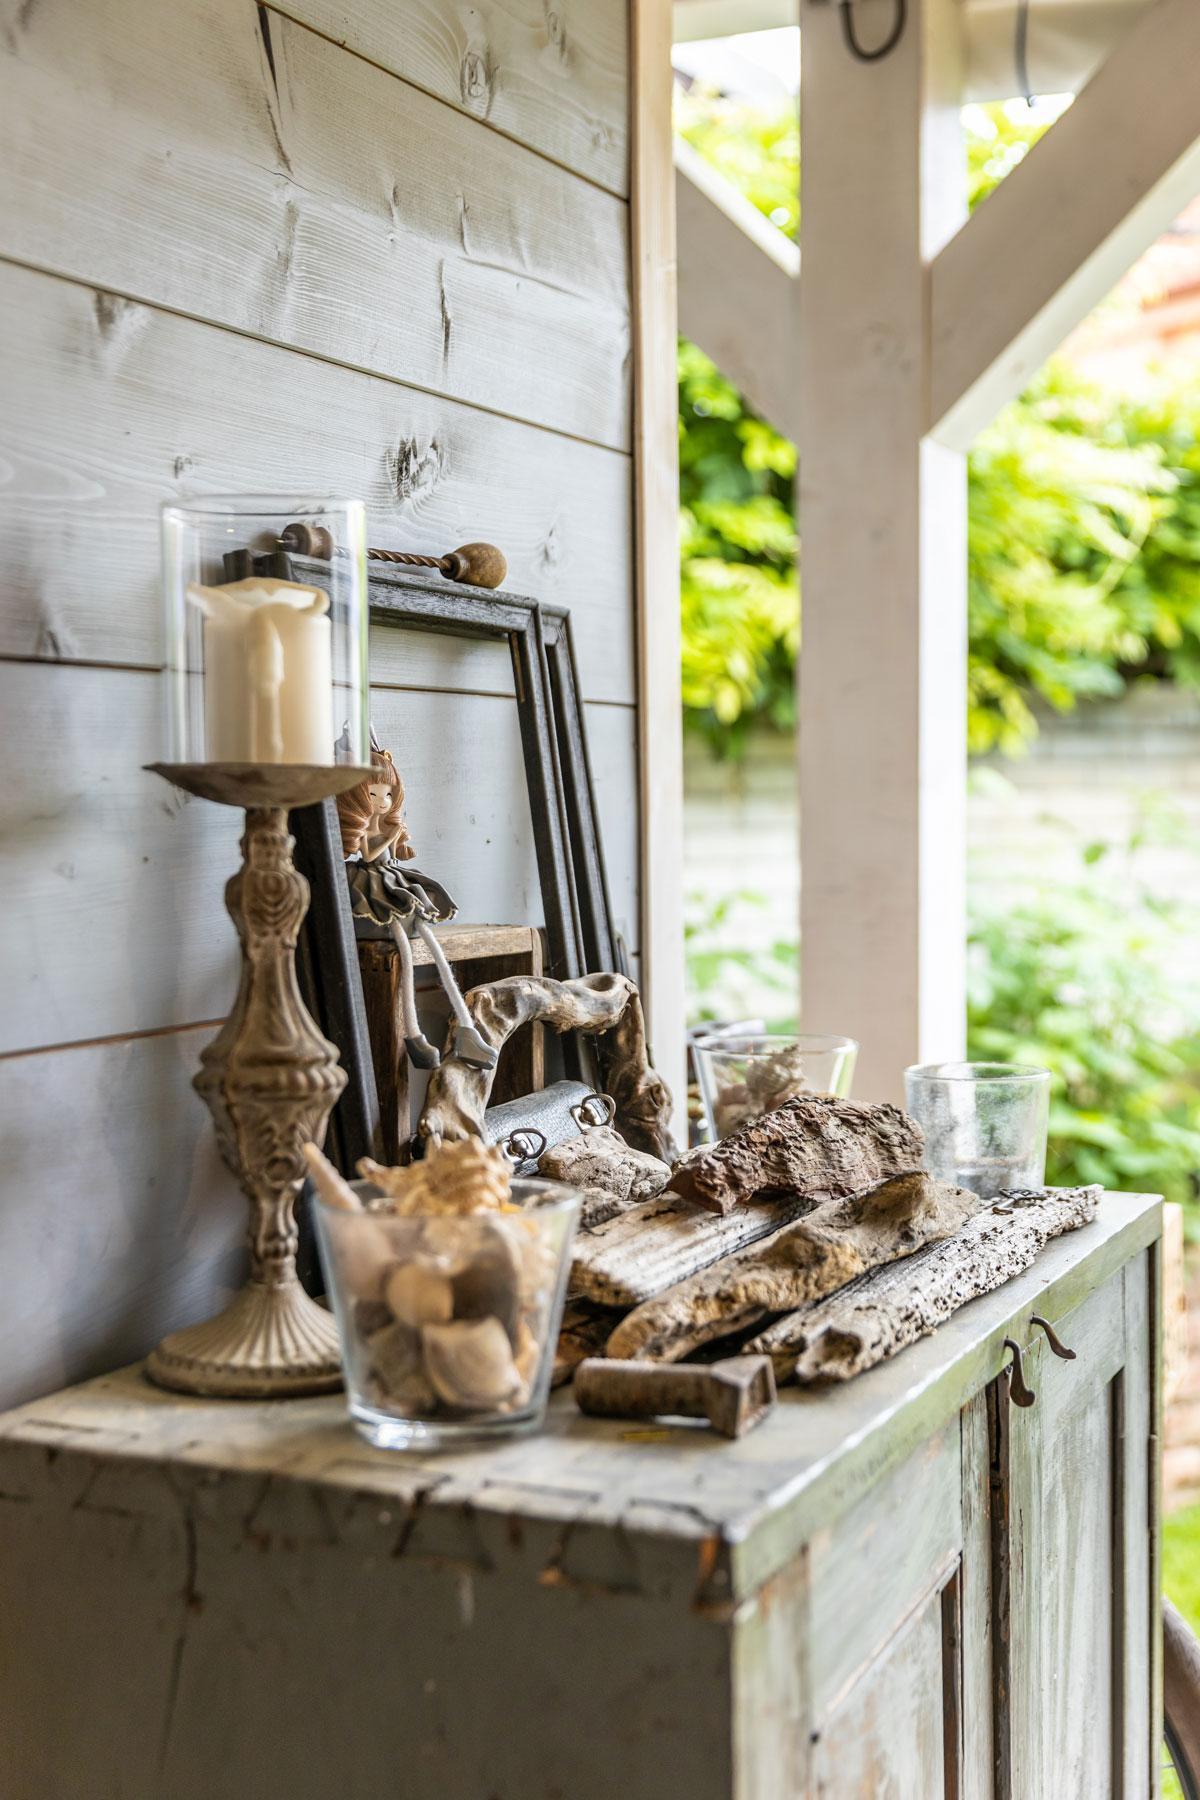 Átriová  záhrada s dovolenkovou atmosférou - Najväčšou inšpiráciou je pre Zuzanu Pinterest. No uložiť naplaveniny, mušle, kamene a staré veci tak, aby spolu vytvárali harmonický obraz, si vyžaduje dekoratérsky cit. A ten domácej panej veru nechýba.